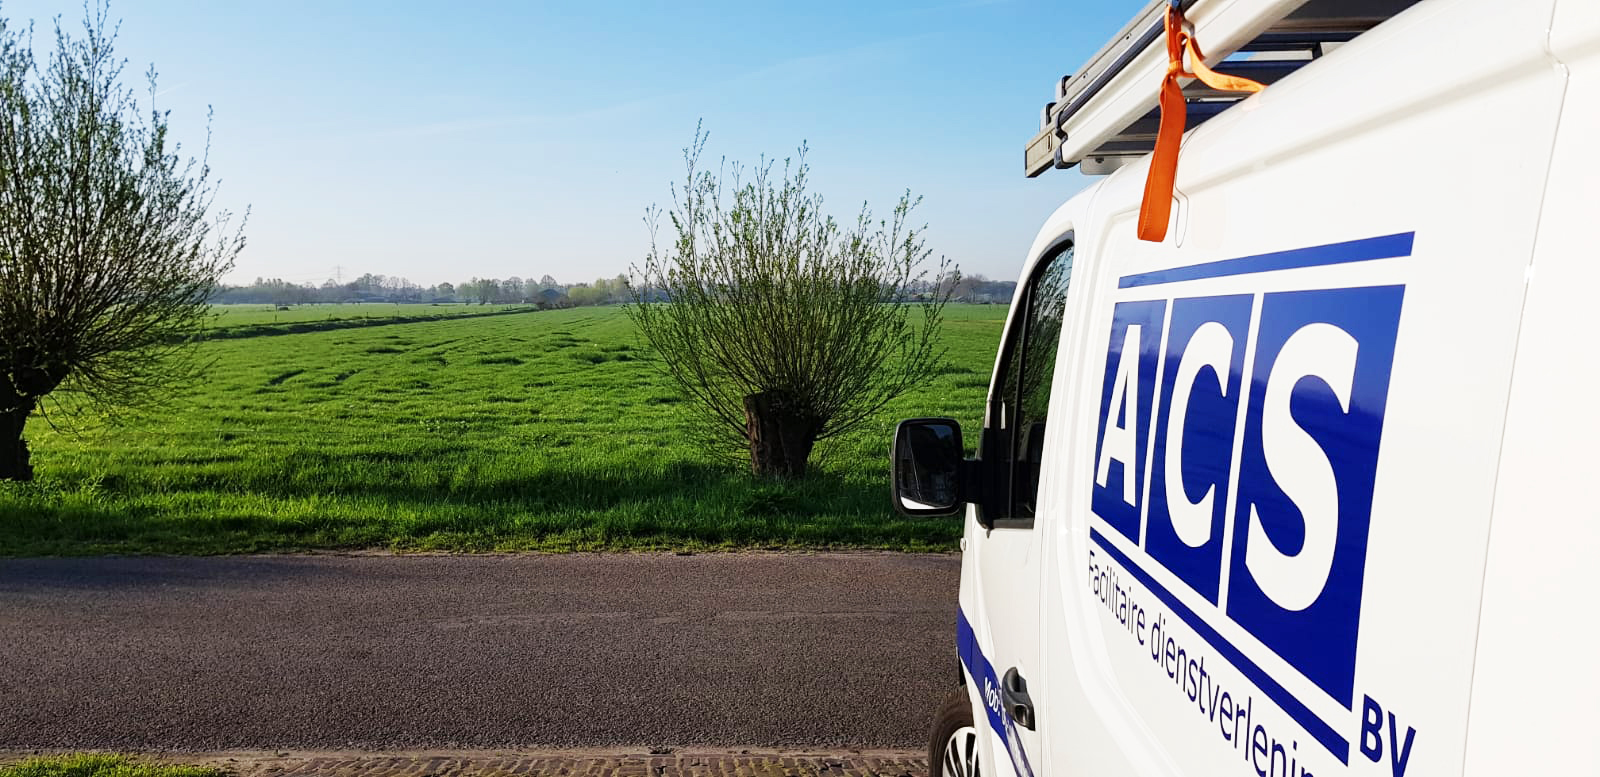 ACS bus